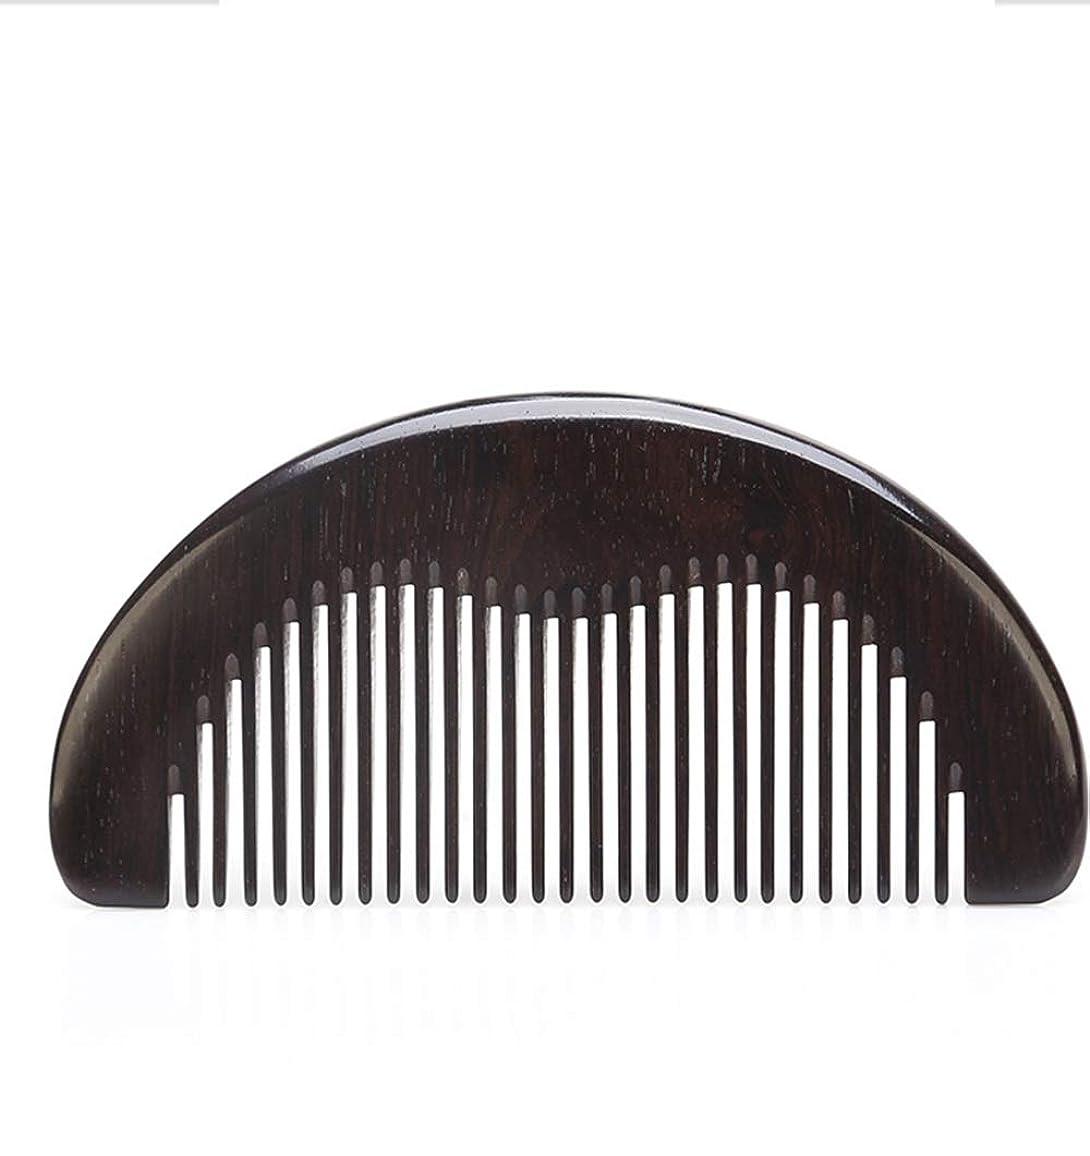 振動するフリンジ残基ふくらんでいない新しい大きな高密度の歯、髪の櫛を傷つけないでください モデリングツール (色 : C)